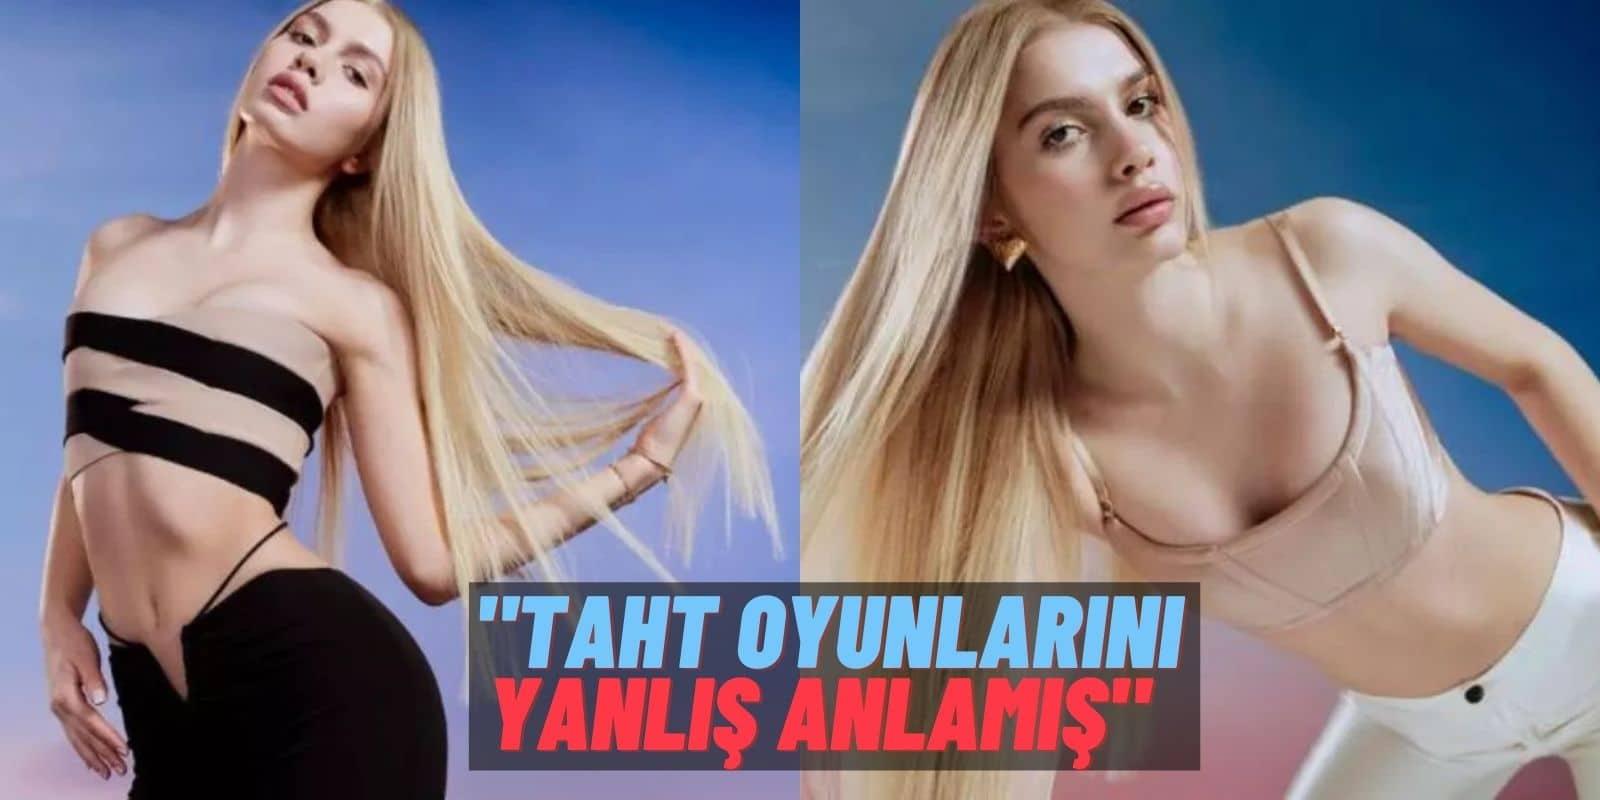 """Aleyna Tilki'nin """"Retrograde"""" Şarkısı Hakkında Skandal İddia: """"Tutmasın diye bir popçu dedikodu yayıyor!"""""""